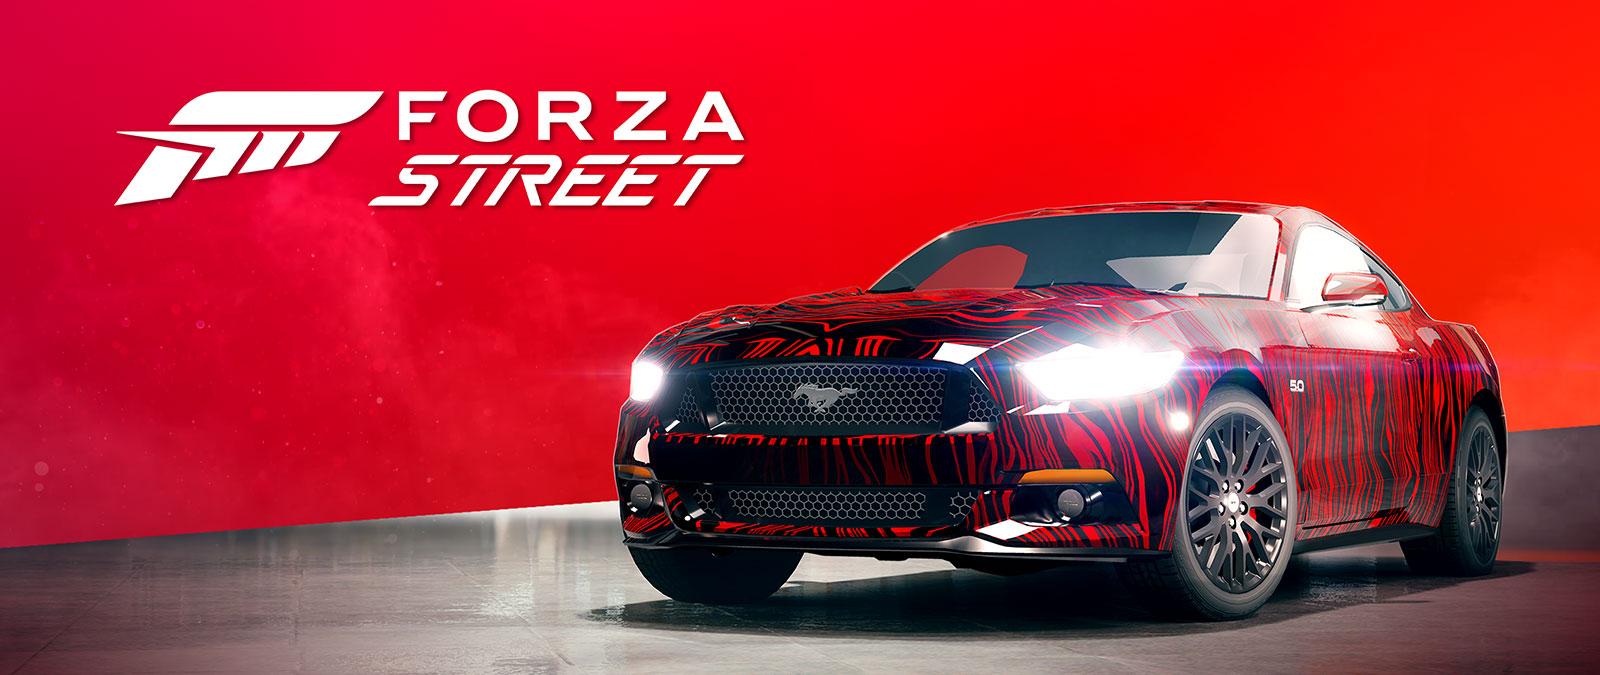 Forza Street のロゴ、Galaxy ペイントで塗装されたフォード マスタング 2015 年モデル